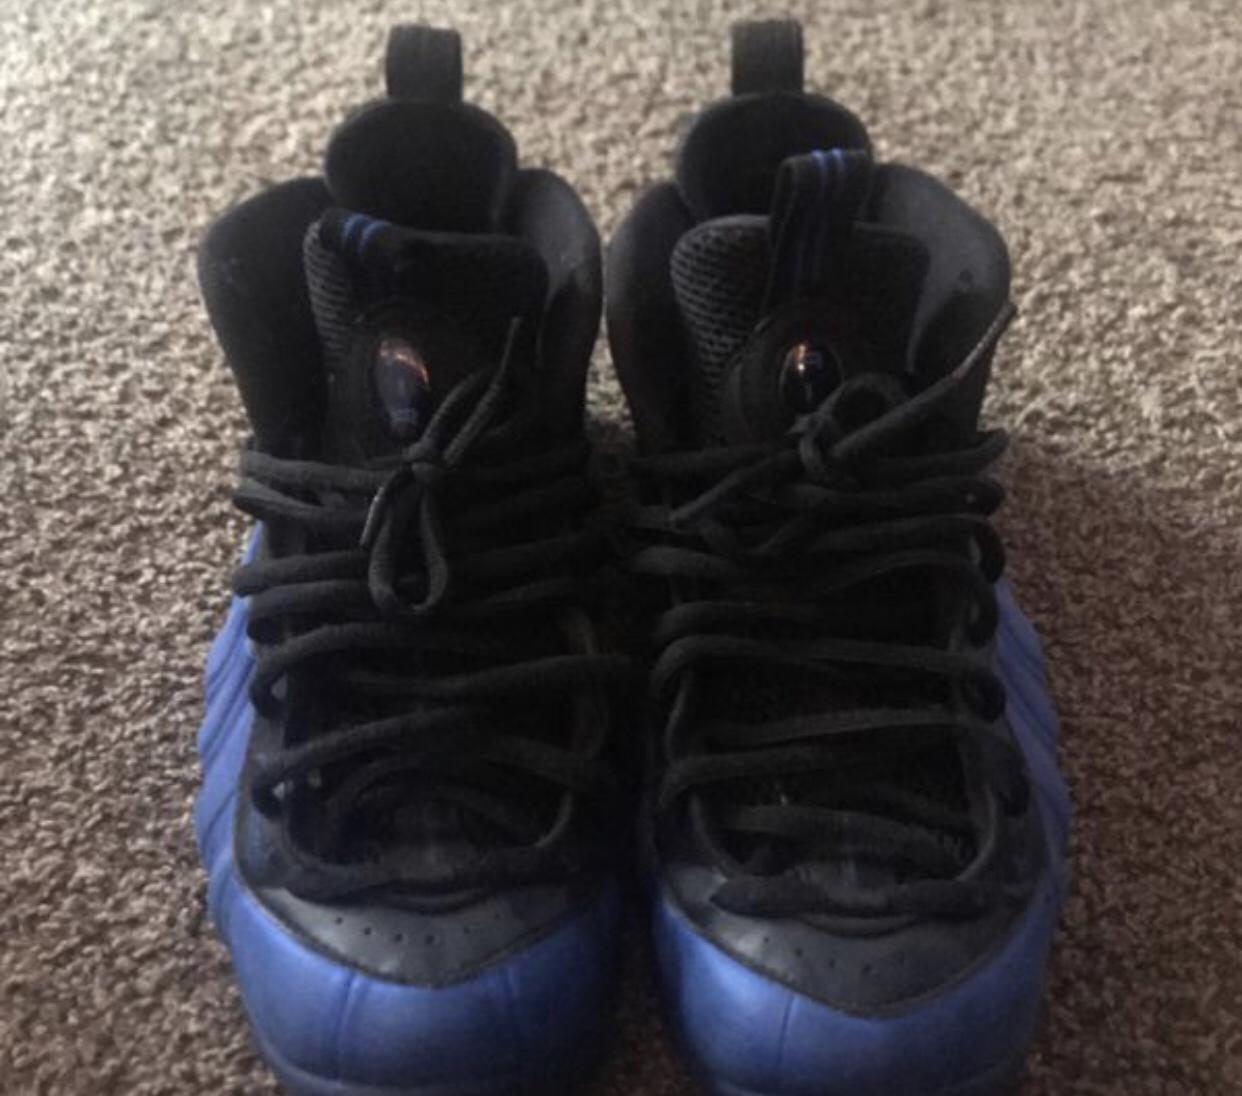 Nike - $85 - Size 10